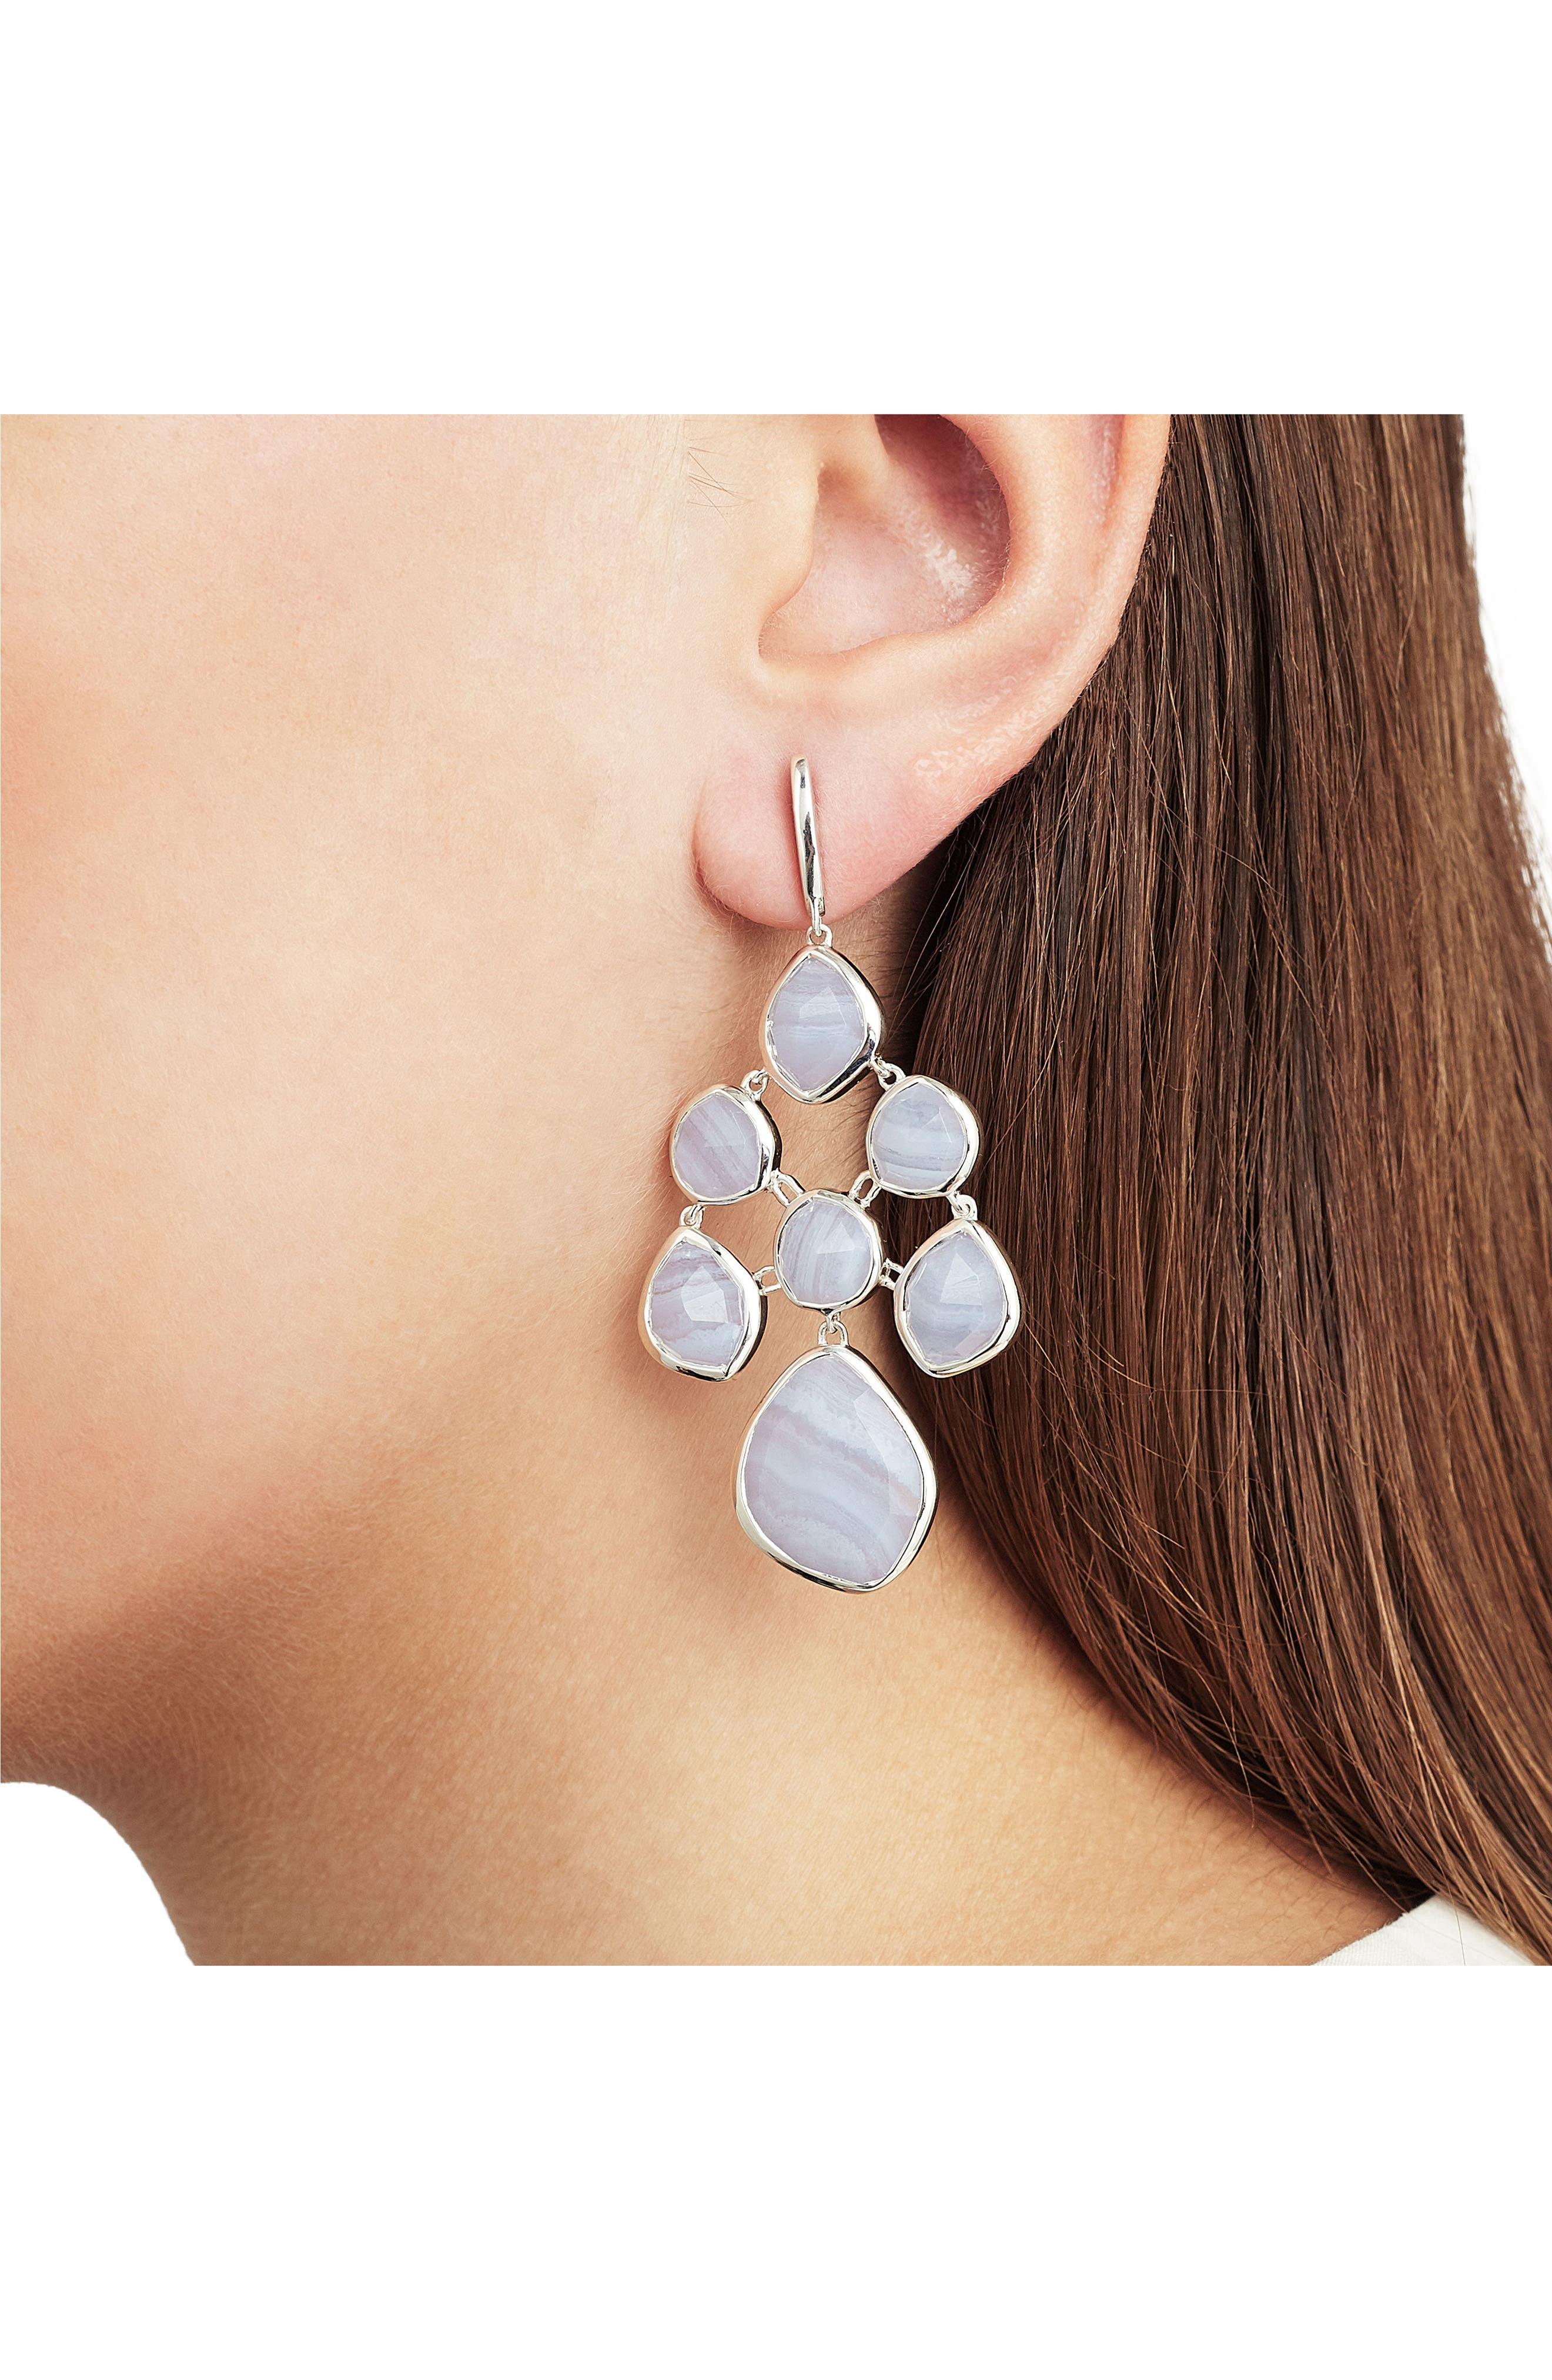 Siren Chandelier Earrings,                             Alternate thumbnail 2, color,                             040